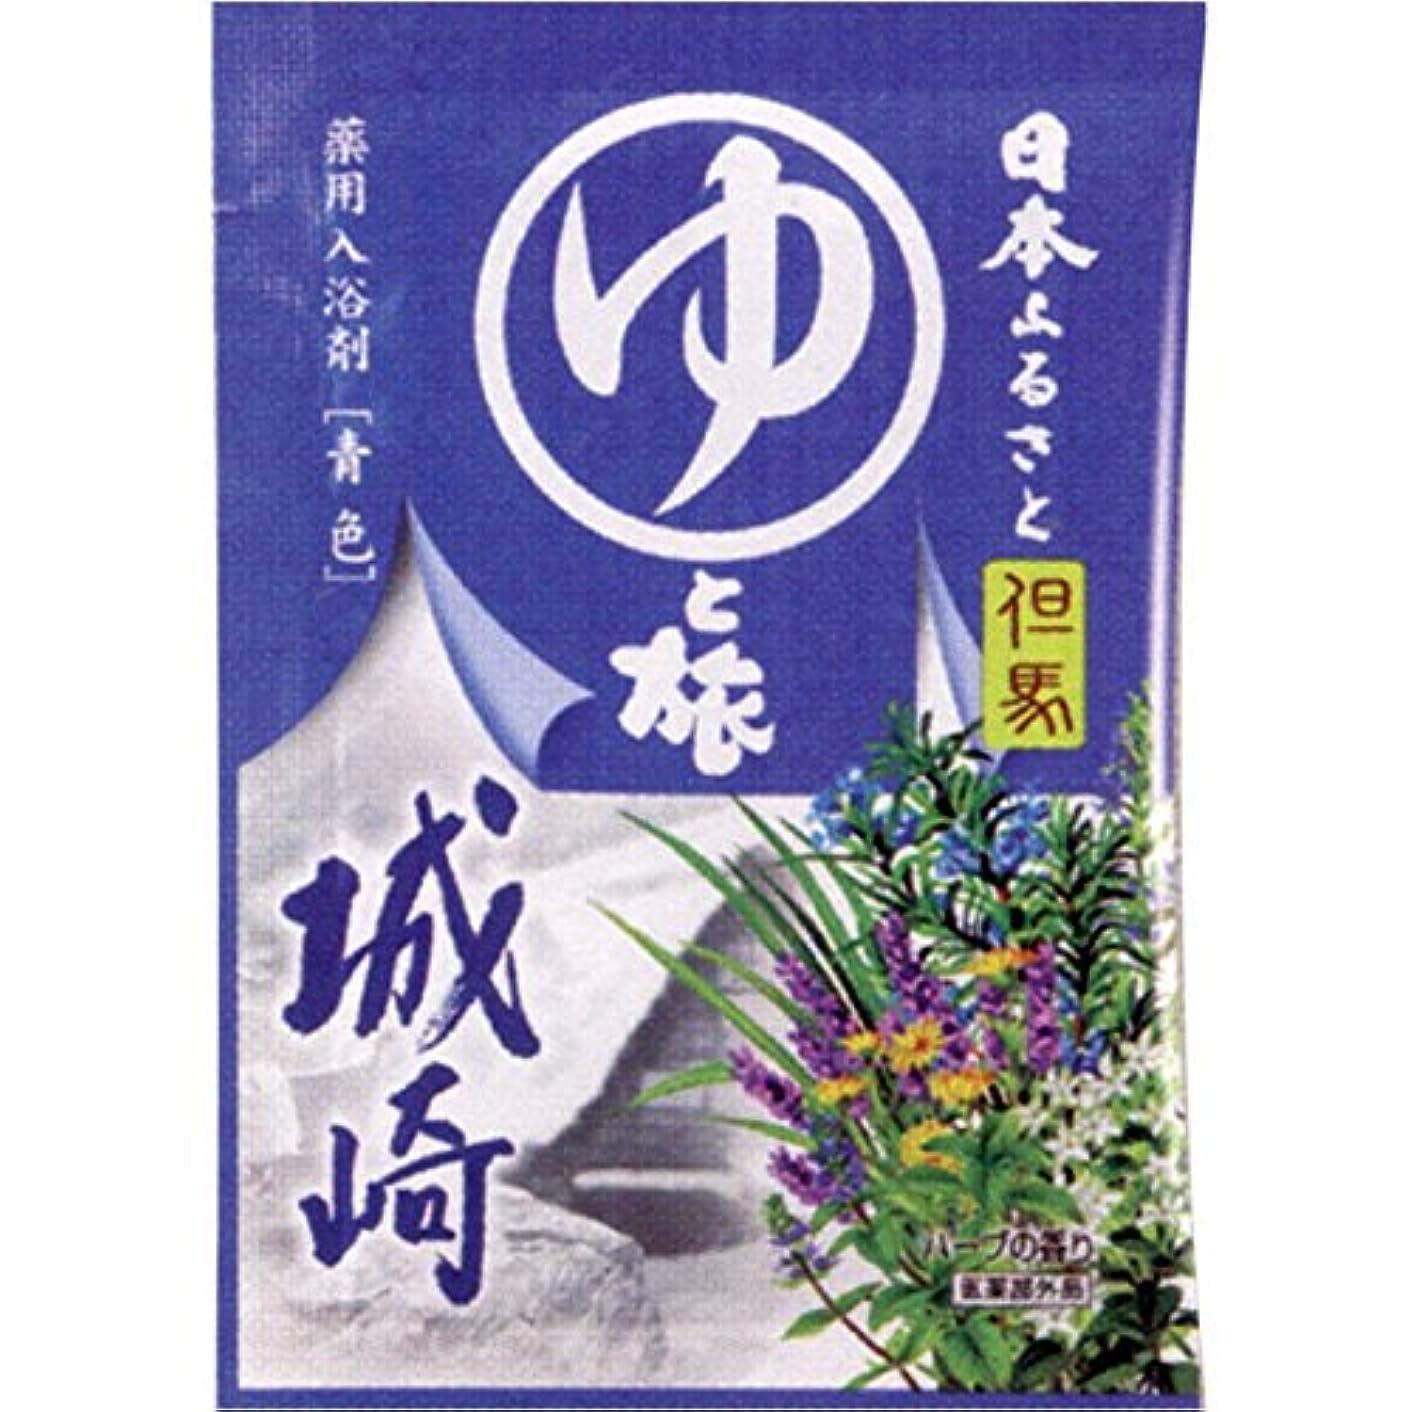 コレクション原子膜ヤマサキの入浴剤シリーズ 城崎(入浴剤)